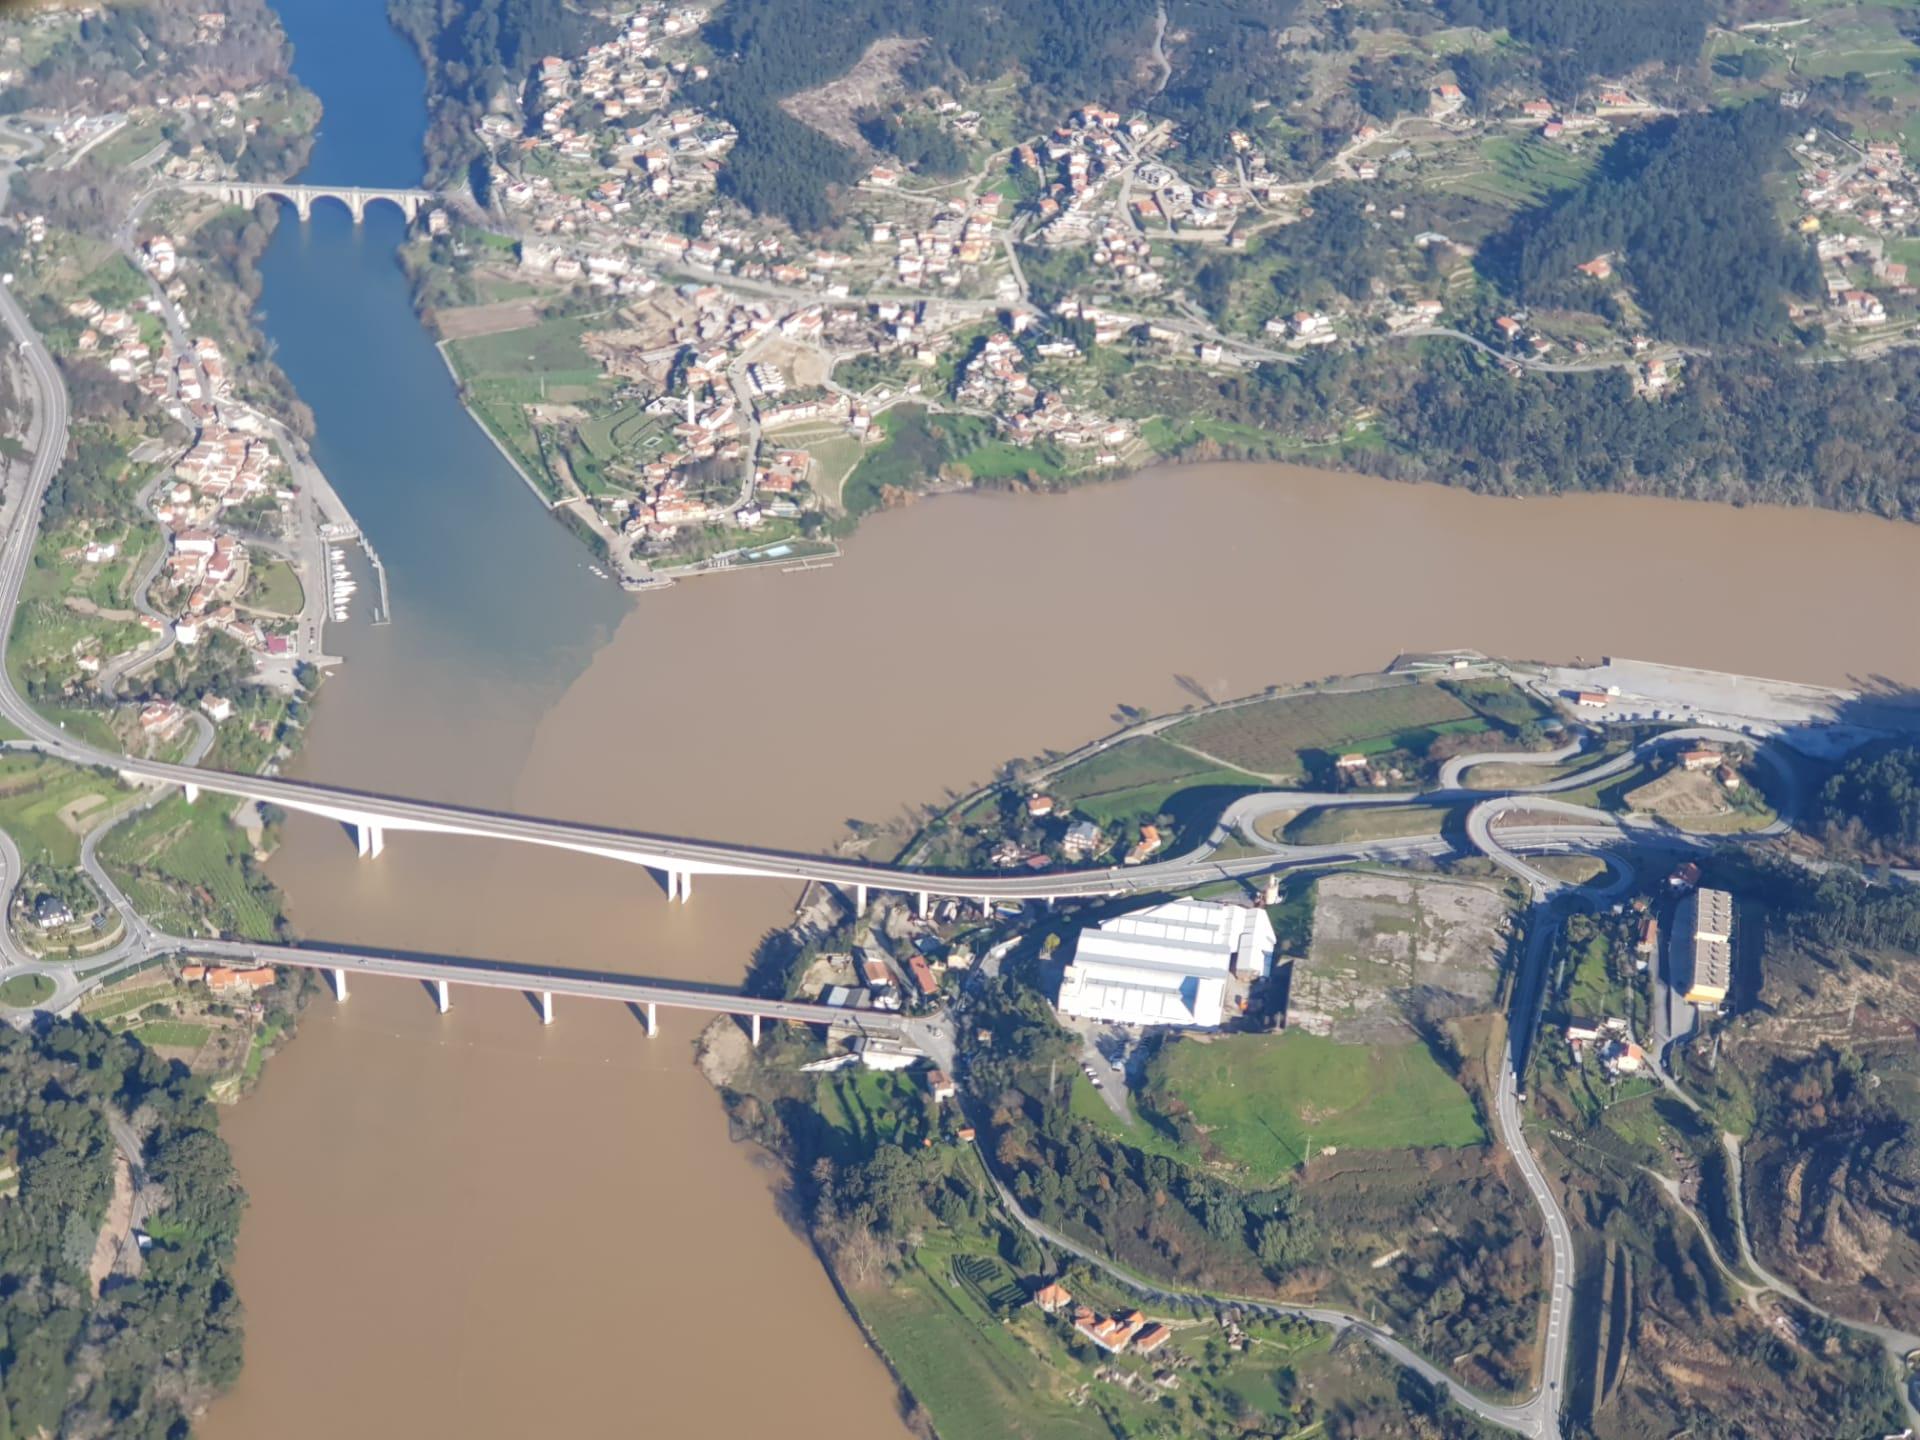 LM-Arquivo-Douro-Paiva-Foto-Aerea-ETA-Lever-097